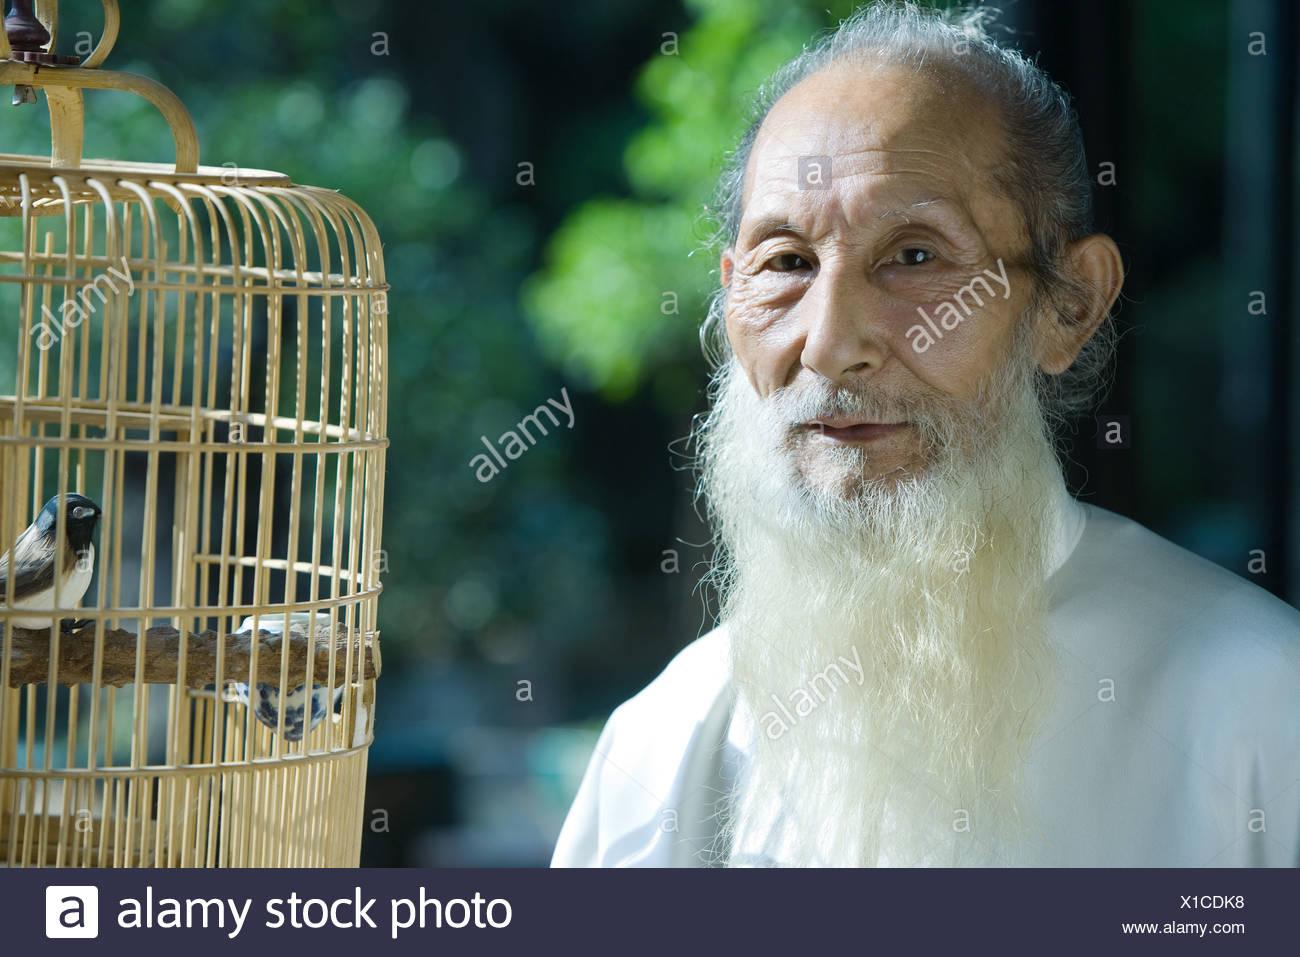 Un homme âgé portant des vêtements traditionnels chinois, avec cage à oiseaux, portrait Photo Stock